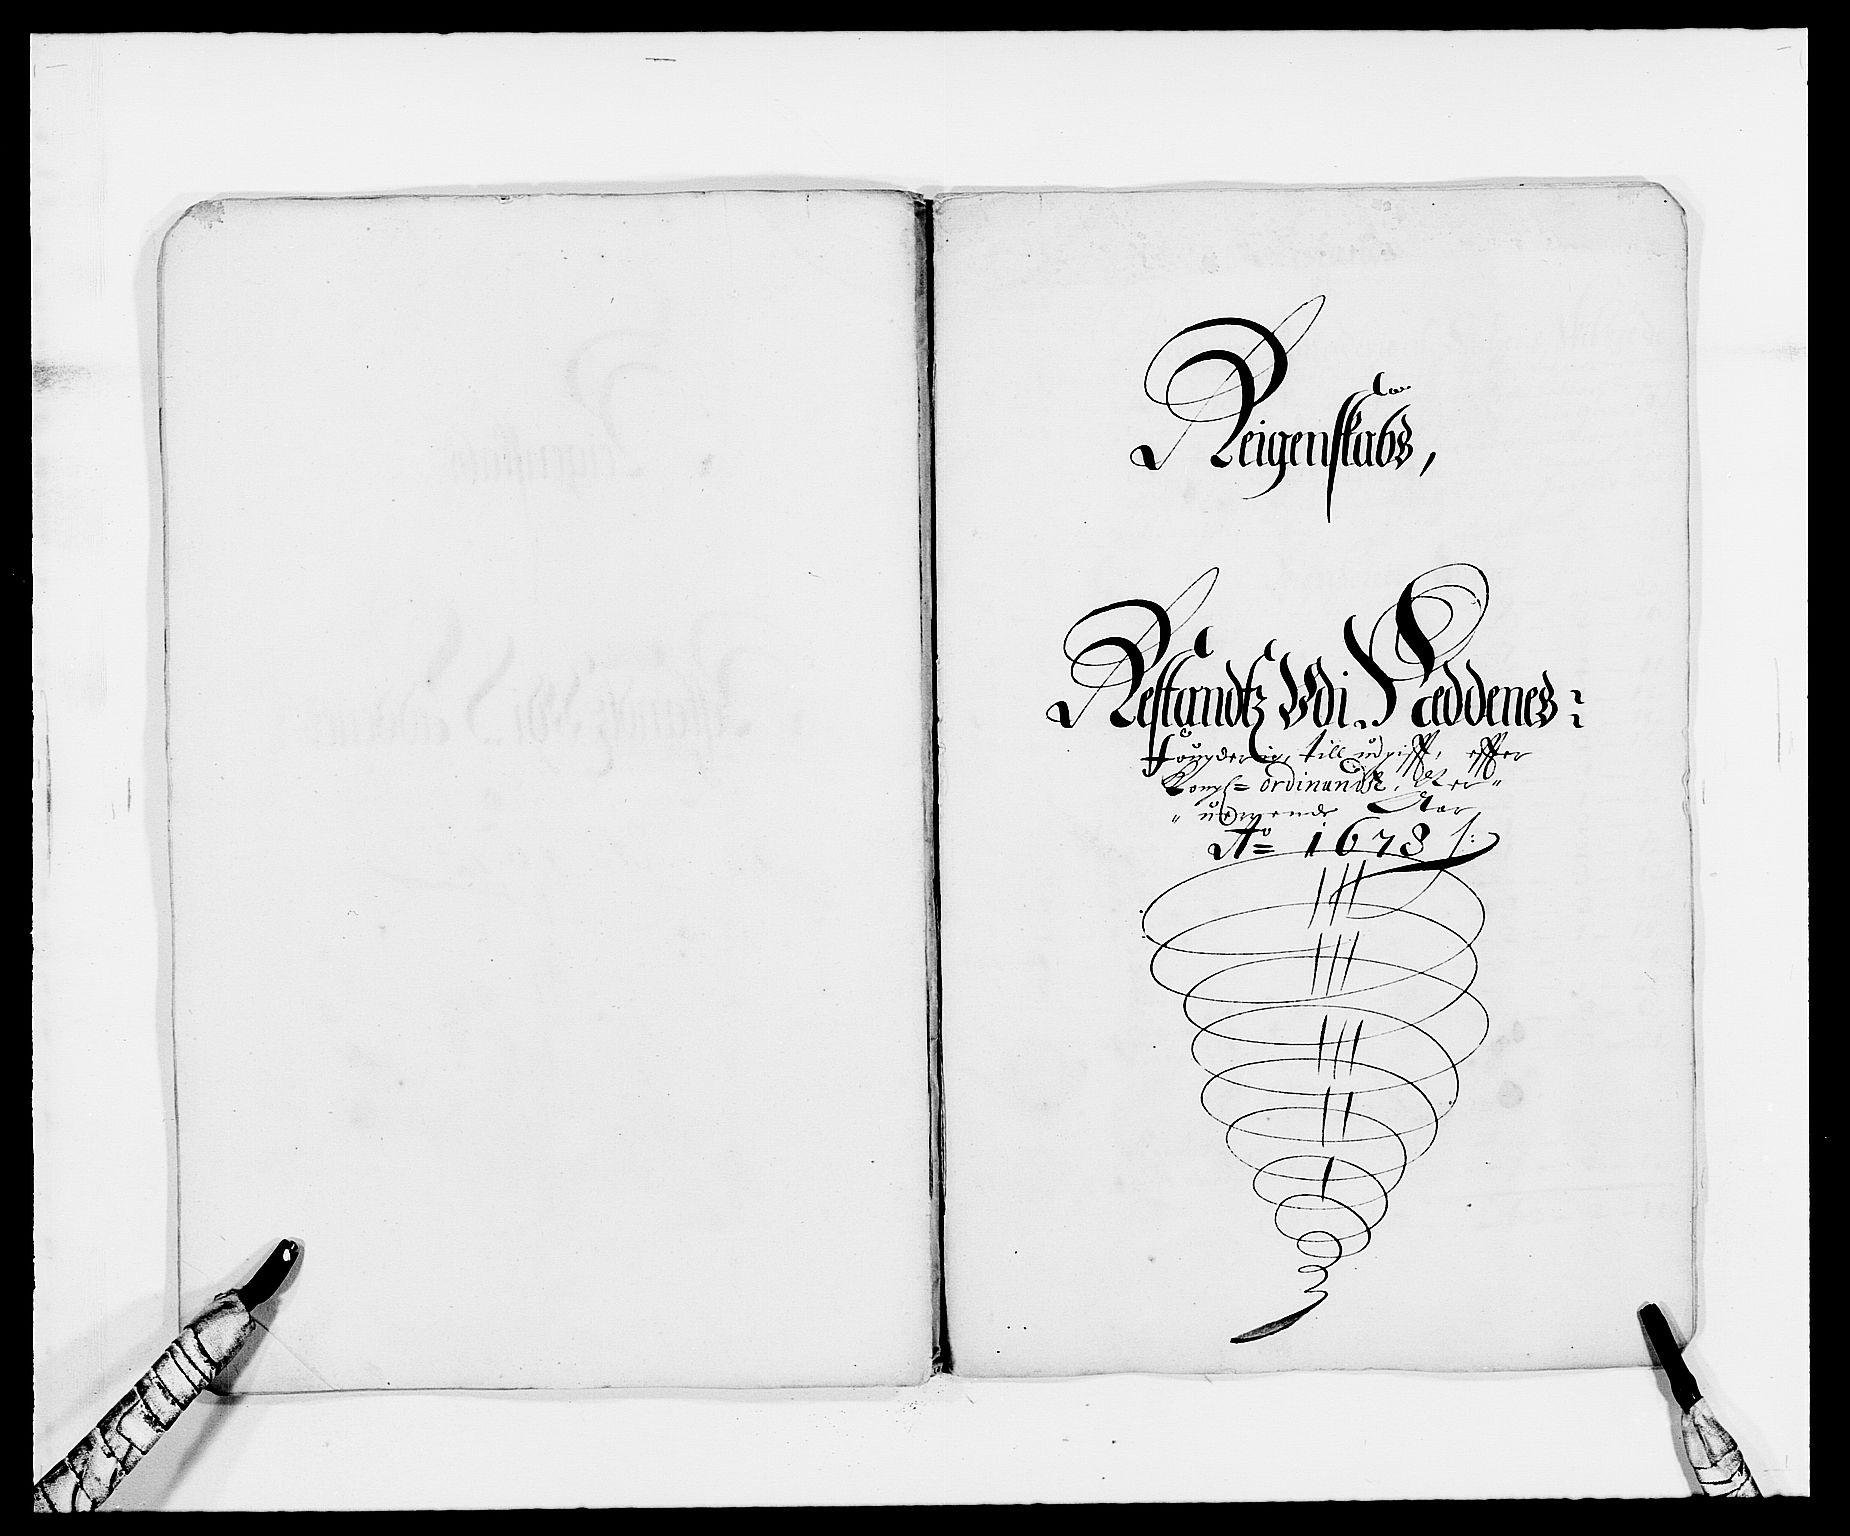 RA, Rentekammeret inntil 1814, Reviderte regnskaper, Fogderegnskap, R39/L2302: Fogderegnskap Nedenes, 1677-1678, s. 333